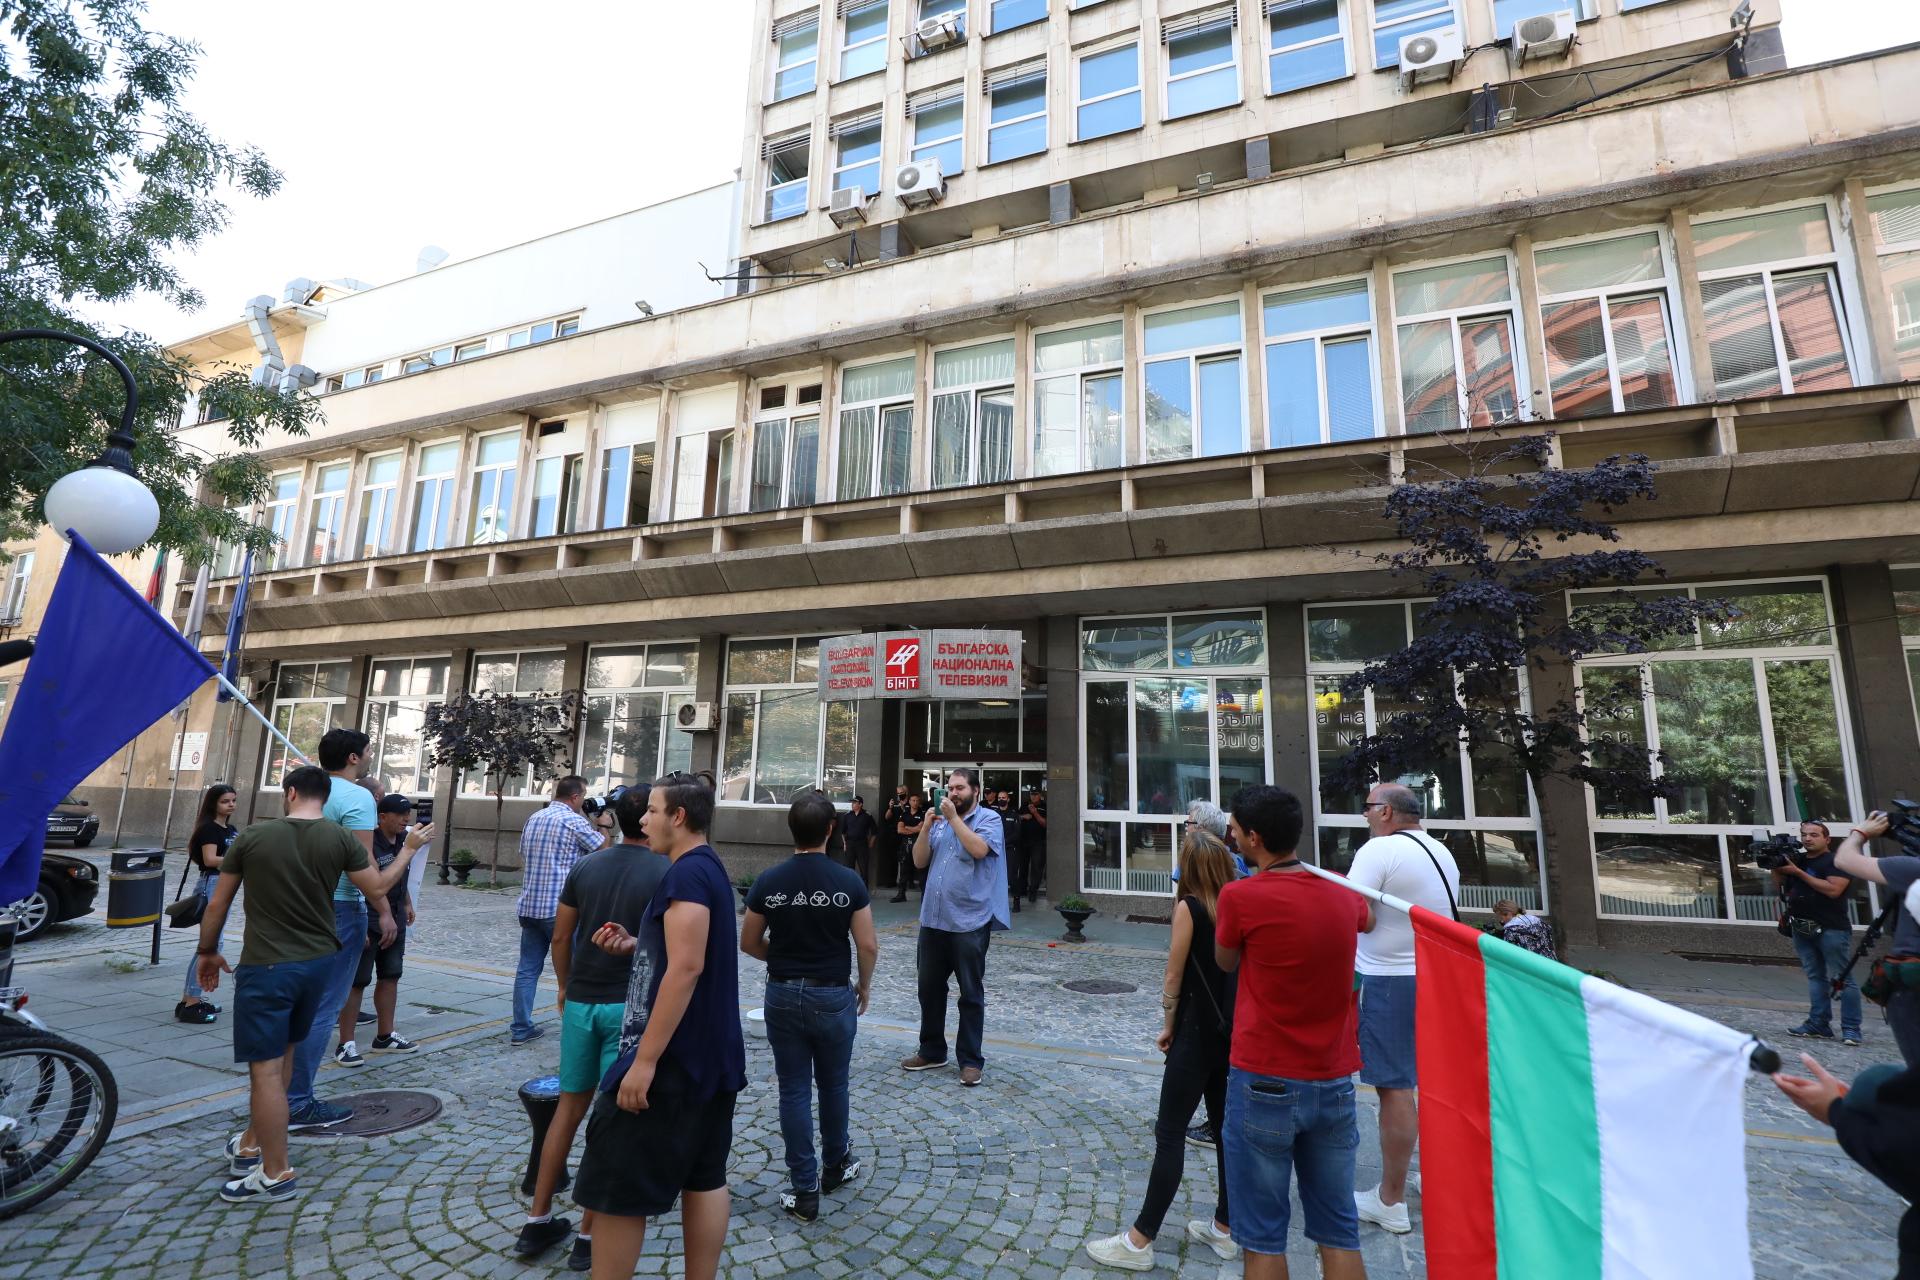 """Протестиращи, начело с гражданско движение """"БОЕЦ"""" и Георги Георгиев блокираха тази сутрин сградата на Българската национална телевизия. Акцията е четвърта от поредицата """"блокада-изненада""""."""